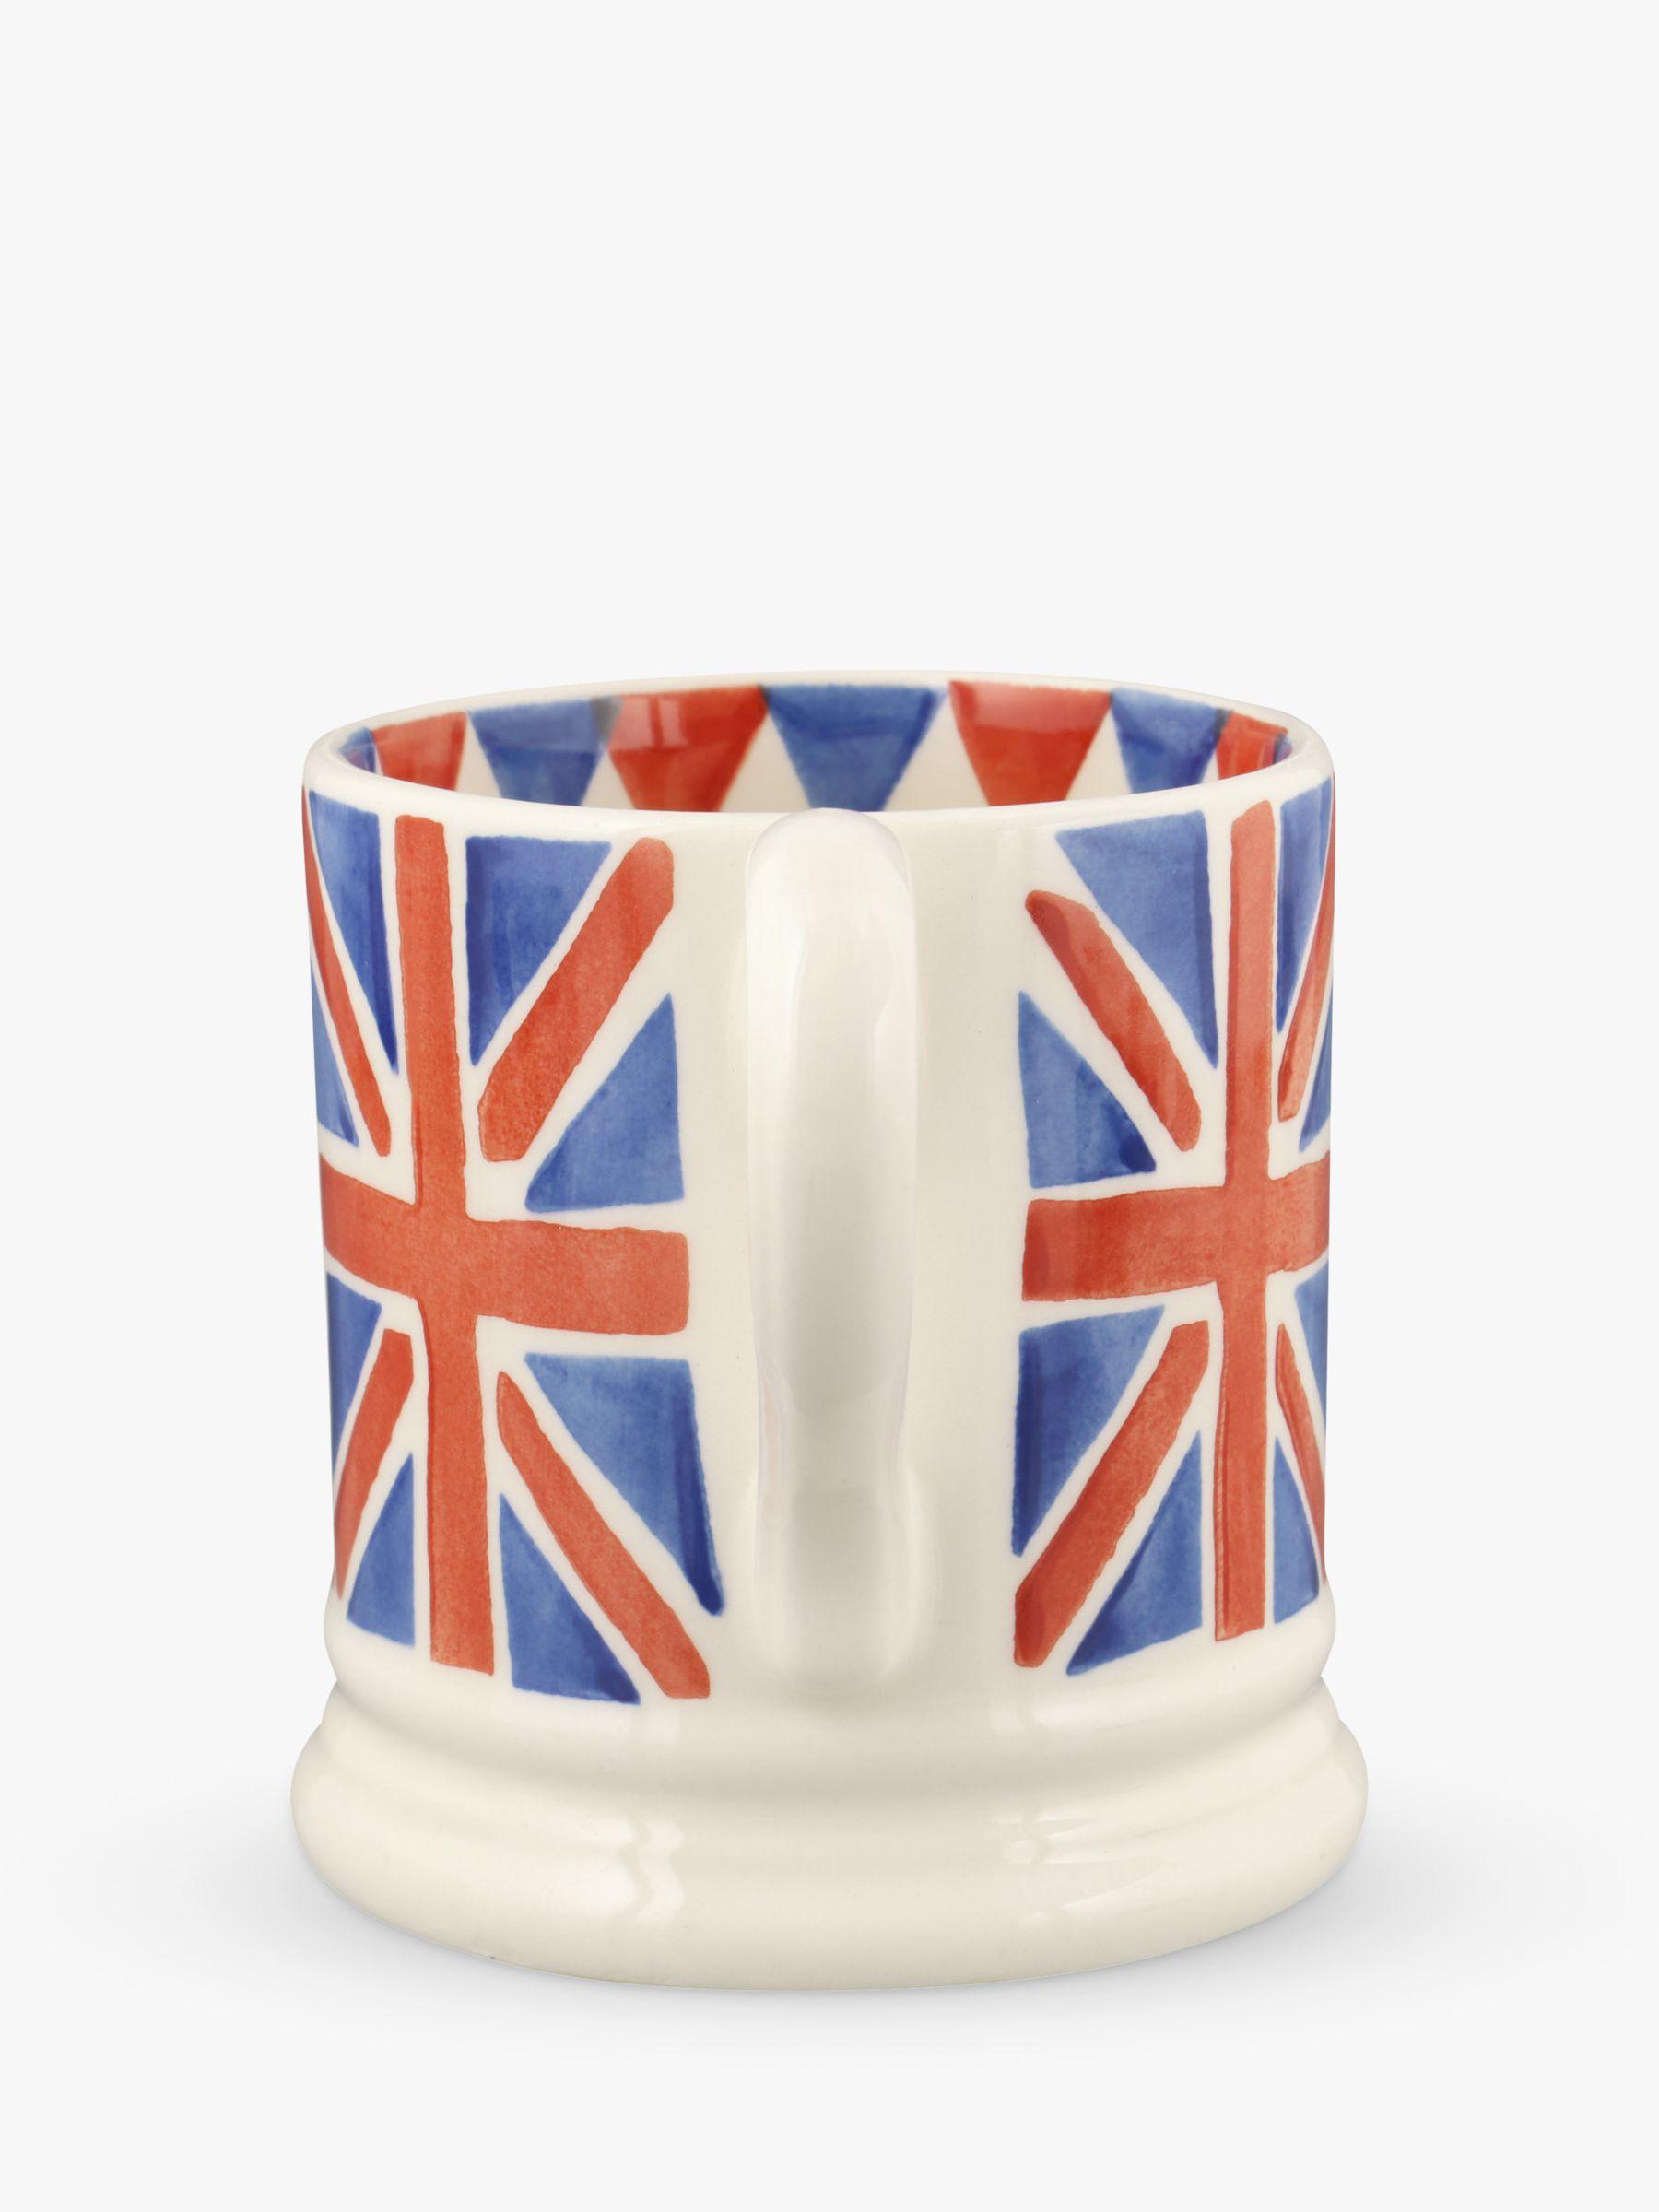 Emma Bridgewater Emma Bridgewater Union Jack Mug, Multi, 280ml